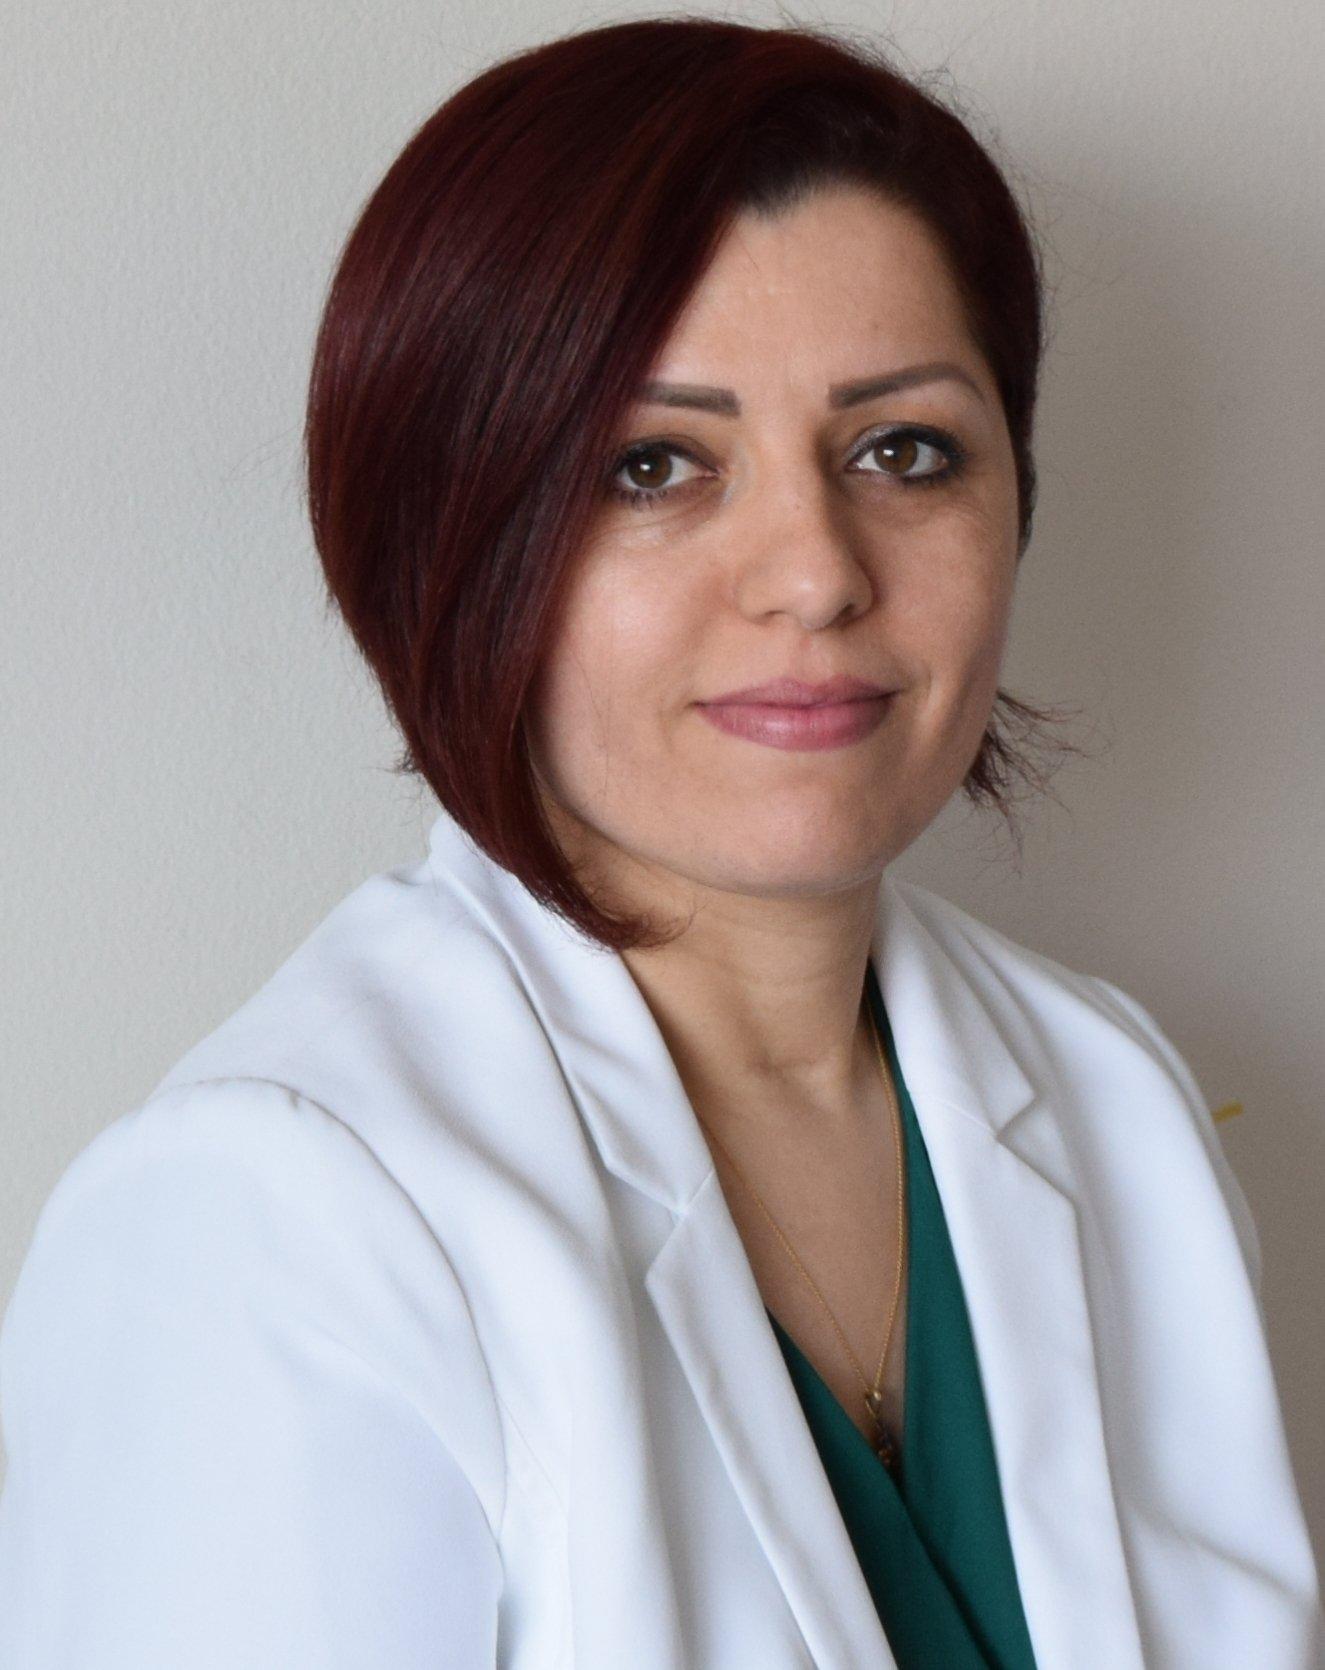 Dr. Zahra Motamed